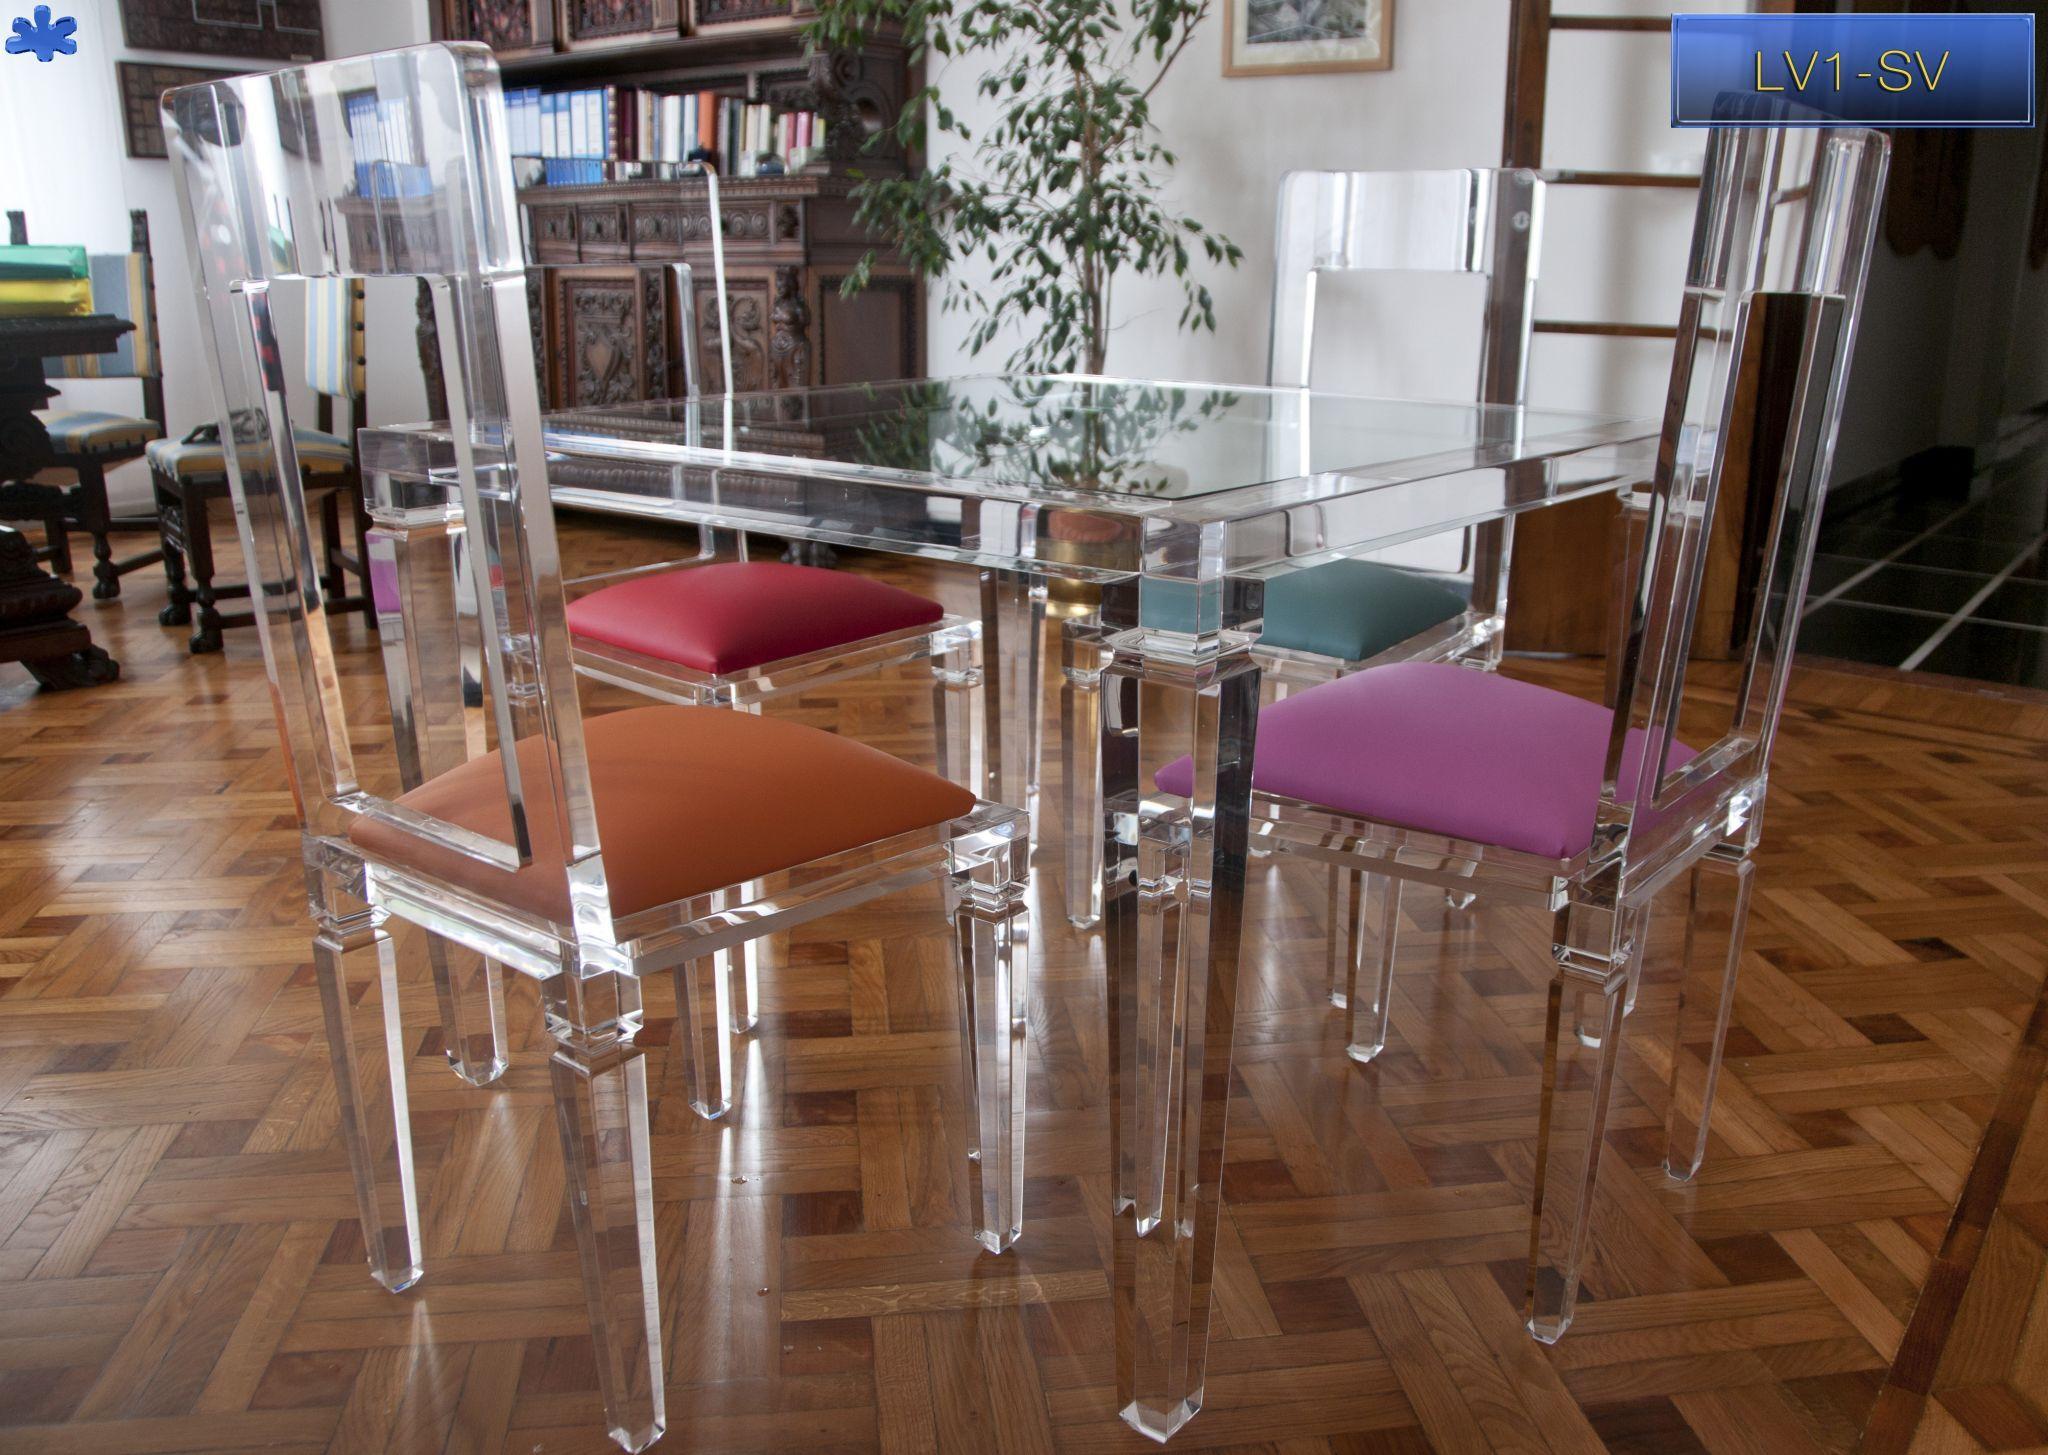 SEDIE IN PLEXIGLAS | Muebles de acrílico, Muebles, Adornos